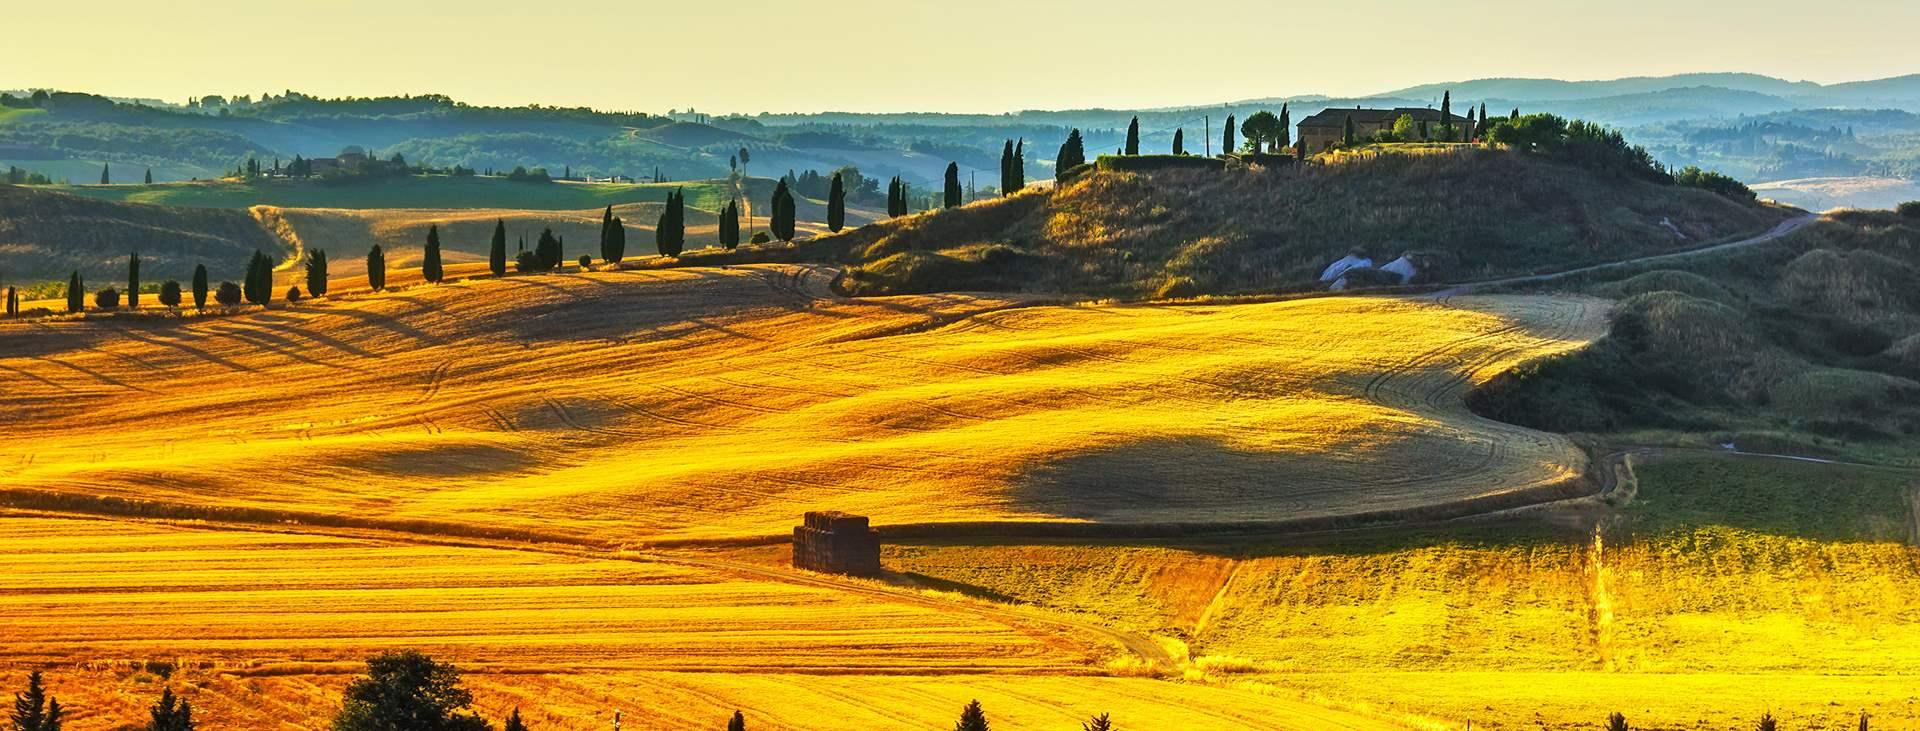 Boka din resa till Toscana i Italien med Ving